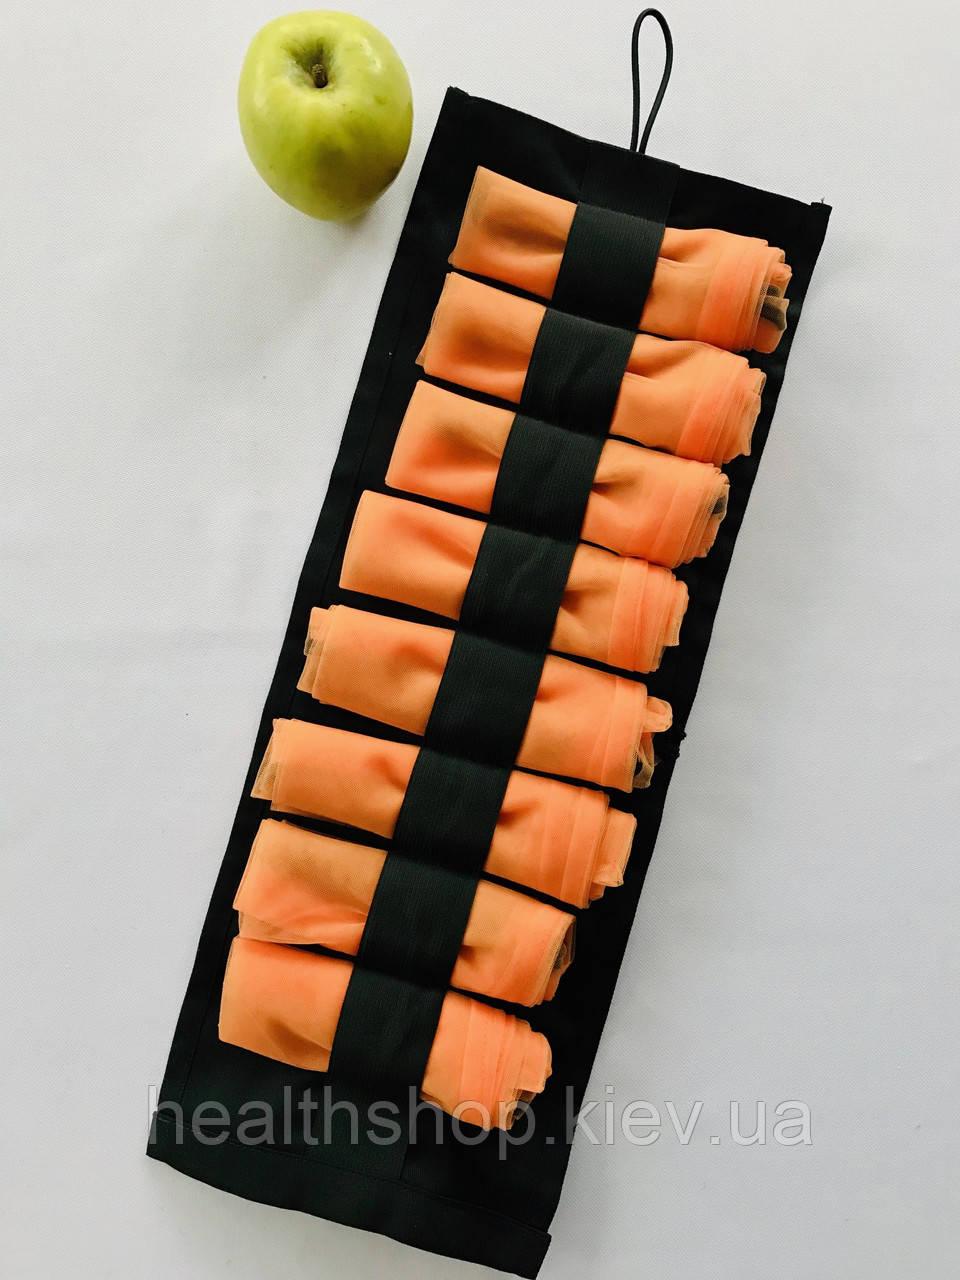 Многоразовые мешочки для продуктов, эко мешочки, сетки для овощей и фруктов XL 8 шт. (+ органайзер)